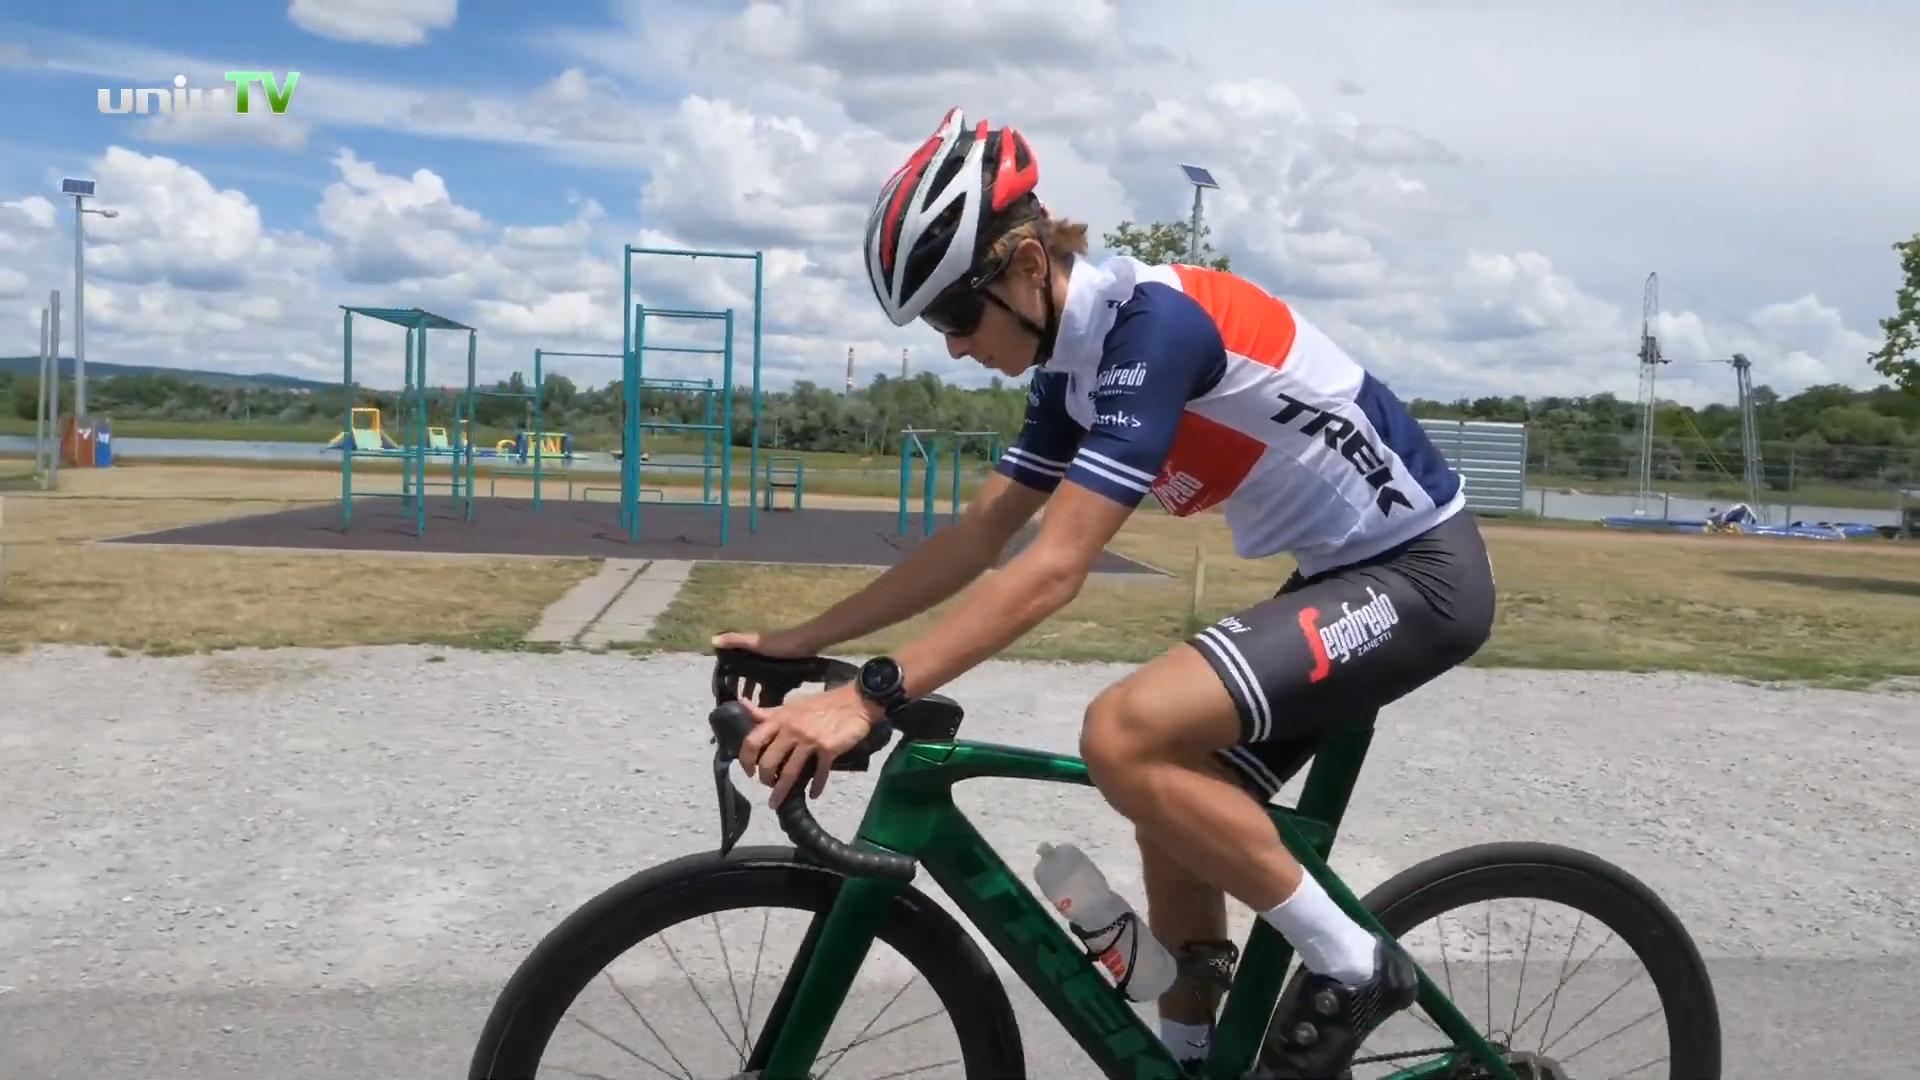 Bicsák Bence, a feltörekvő magyar triatlonista